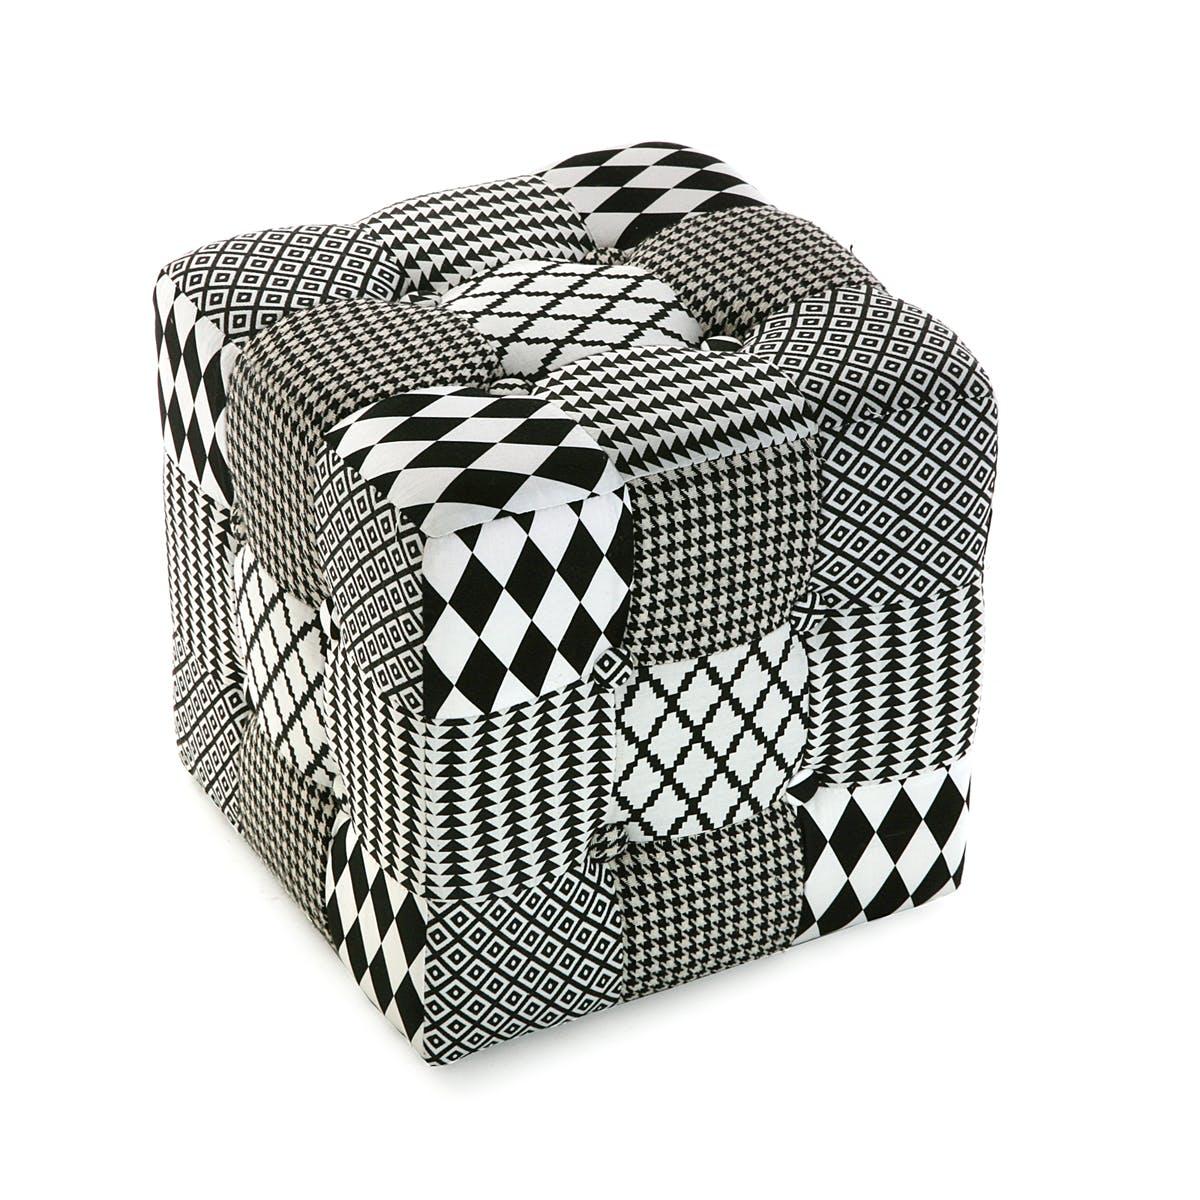 Pouf cube capitonné en tissu Patchwork blanc et noir 35x35x35cm URBAN